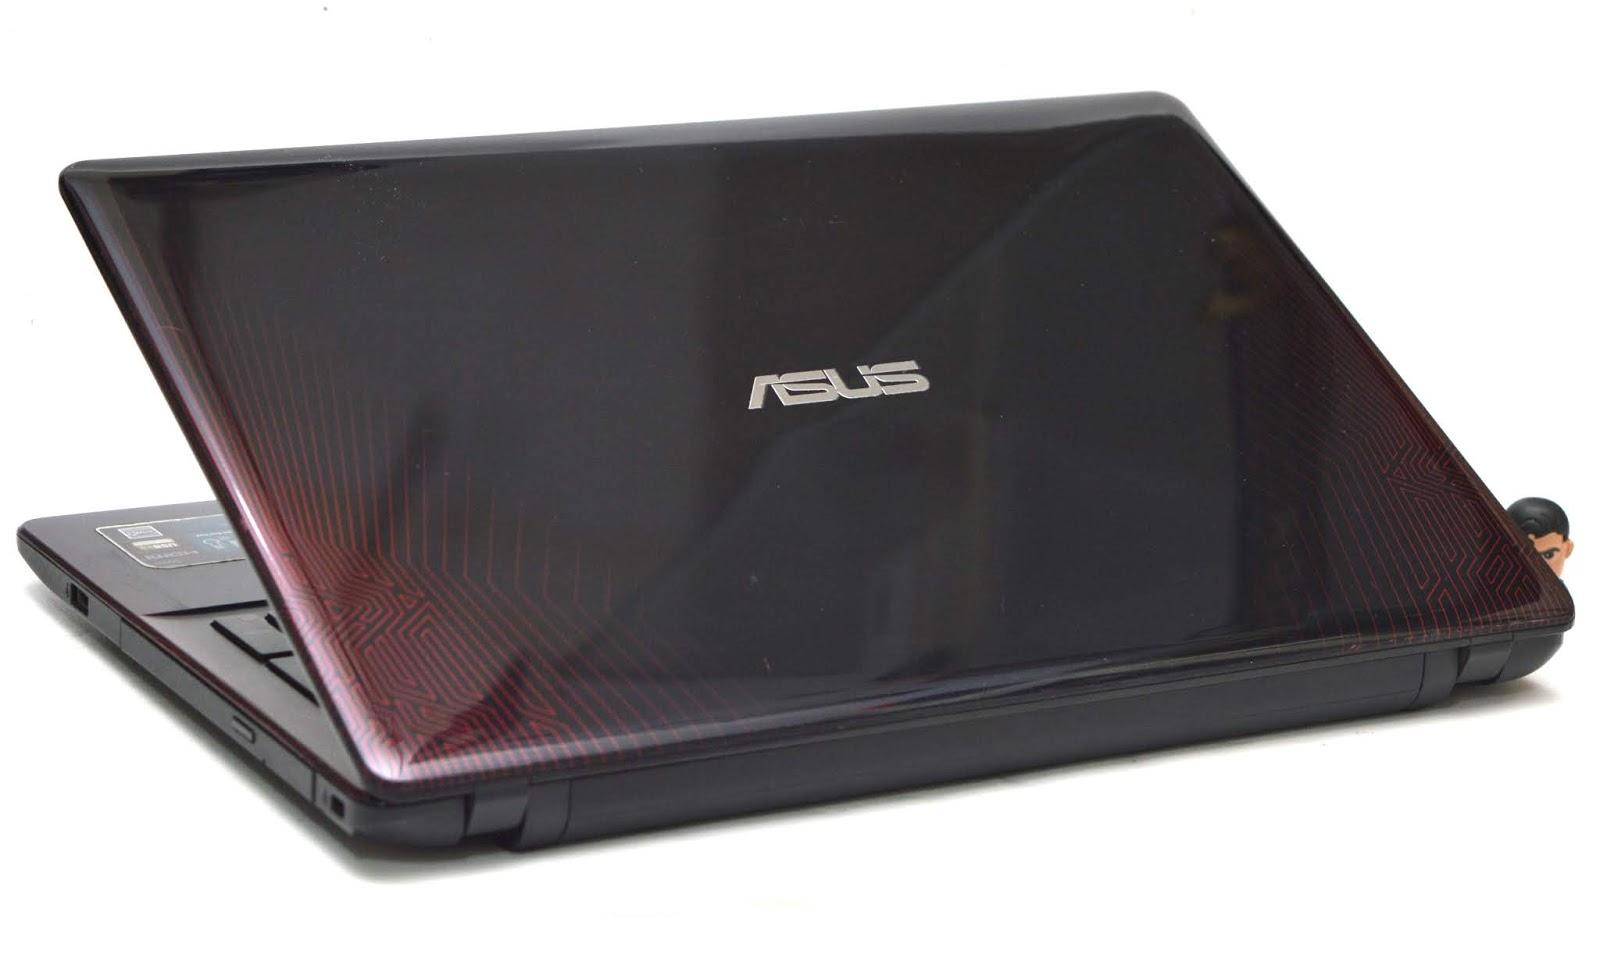 Jual Laptop Gaming Asus X550v Core I7 Double Vga Jual Beli Laptop Bekas Kamera Service Sparepart Di Malang